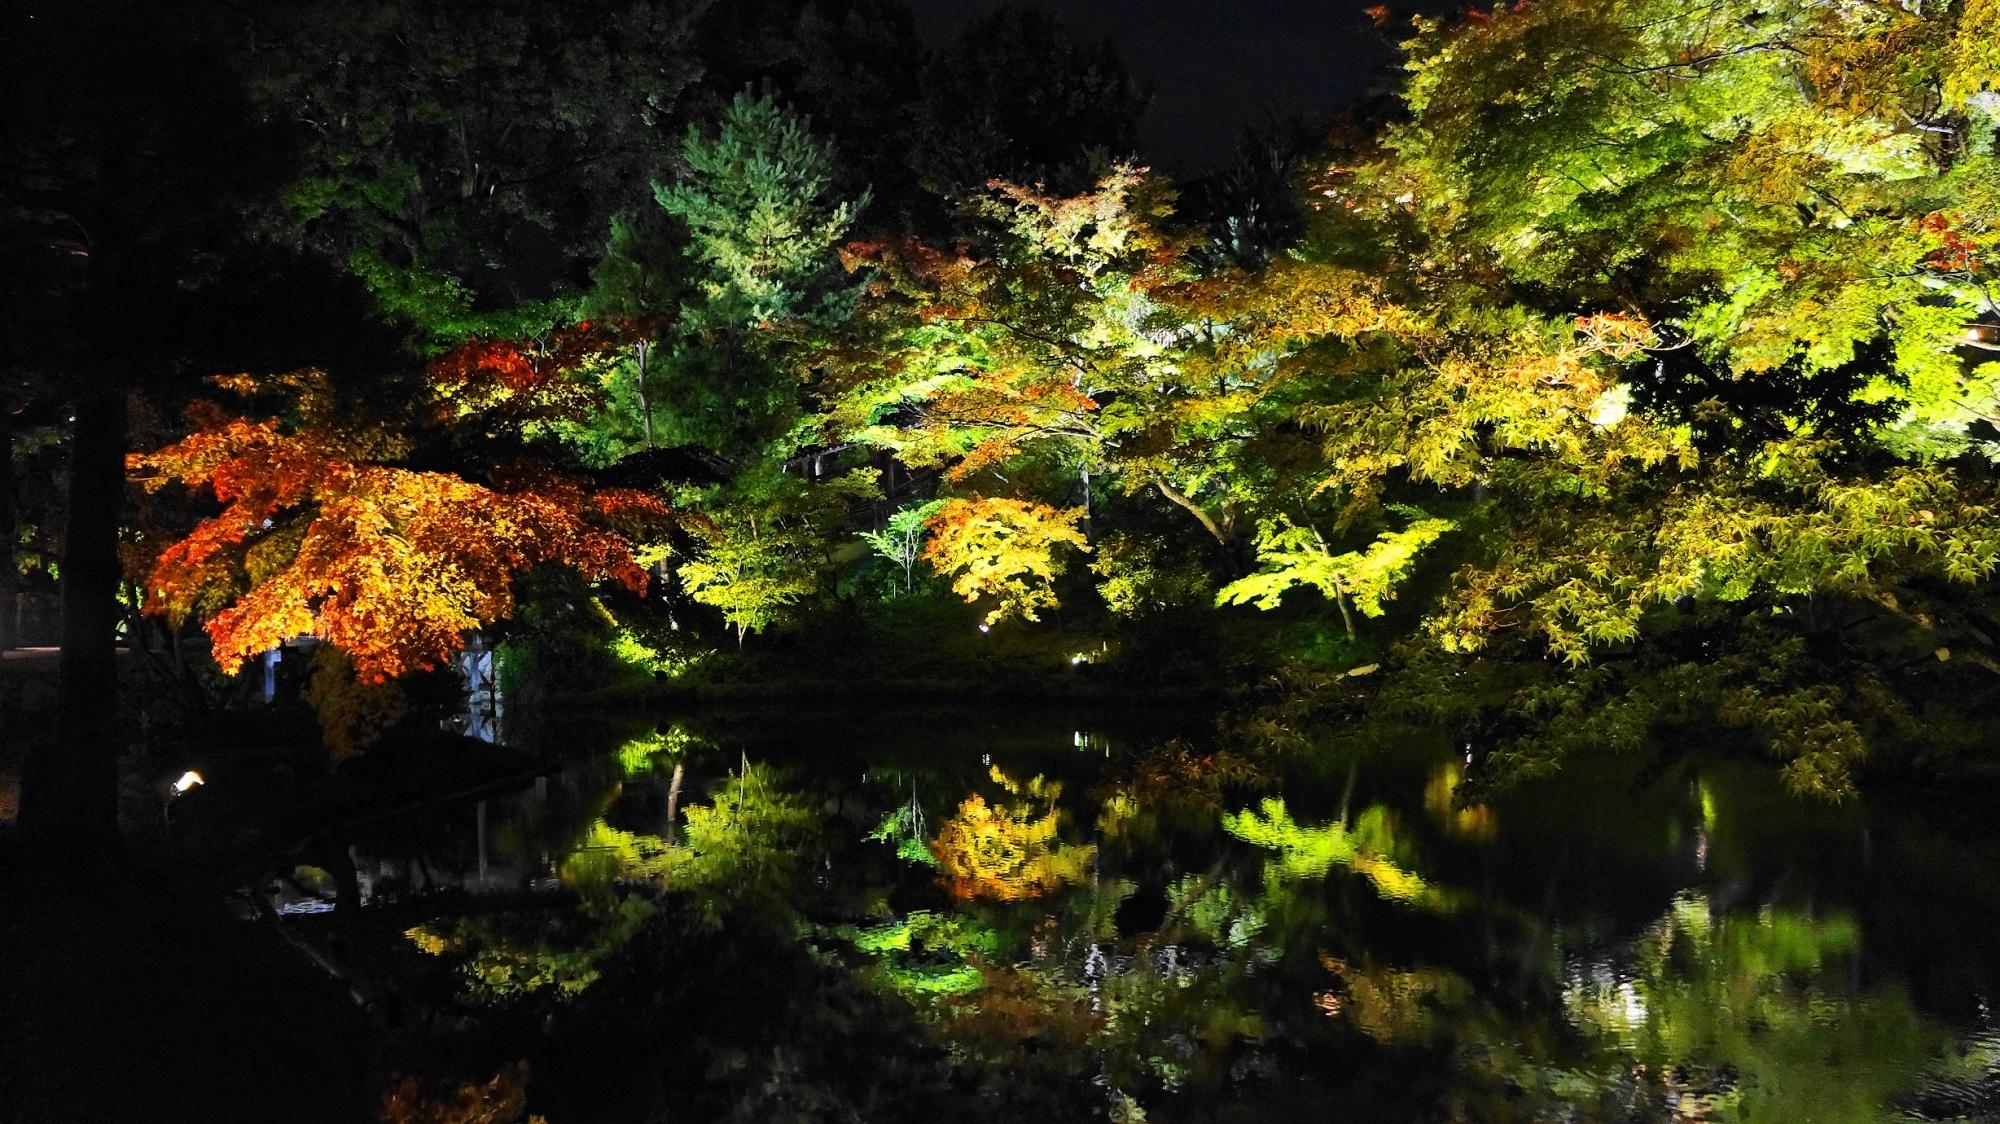 高台寺 庭園 臥龍池 ライトアップ 紅葉